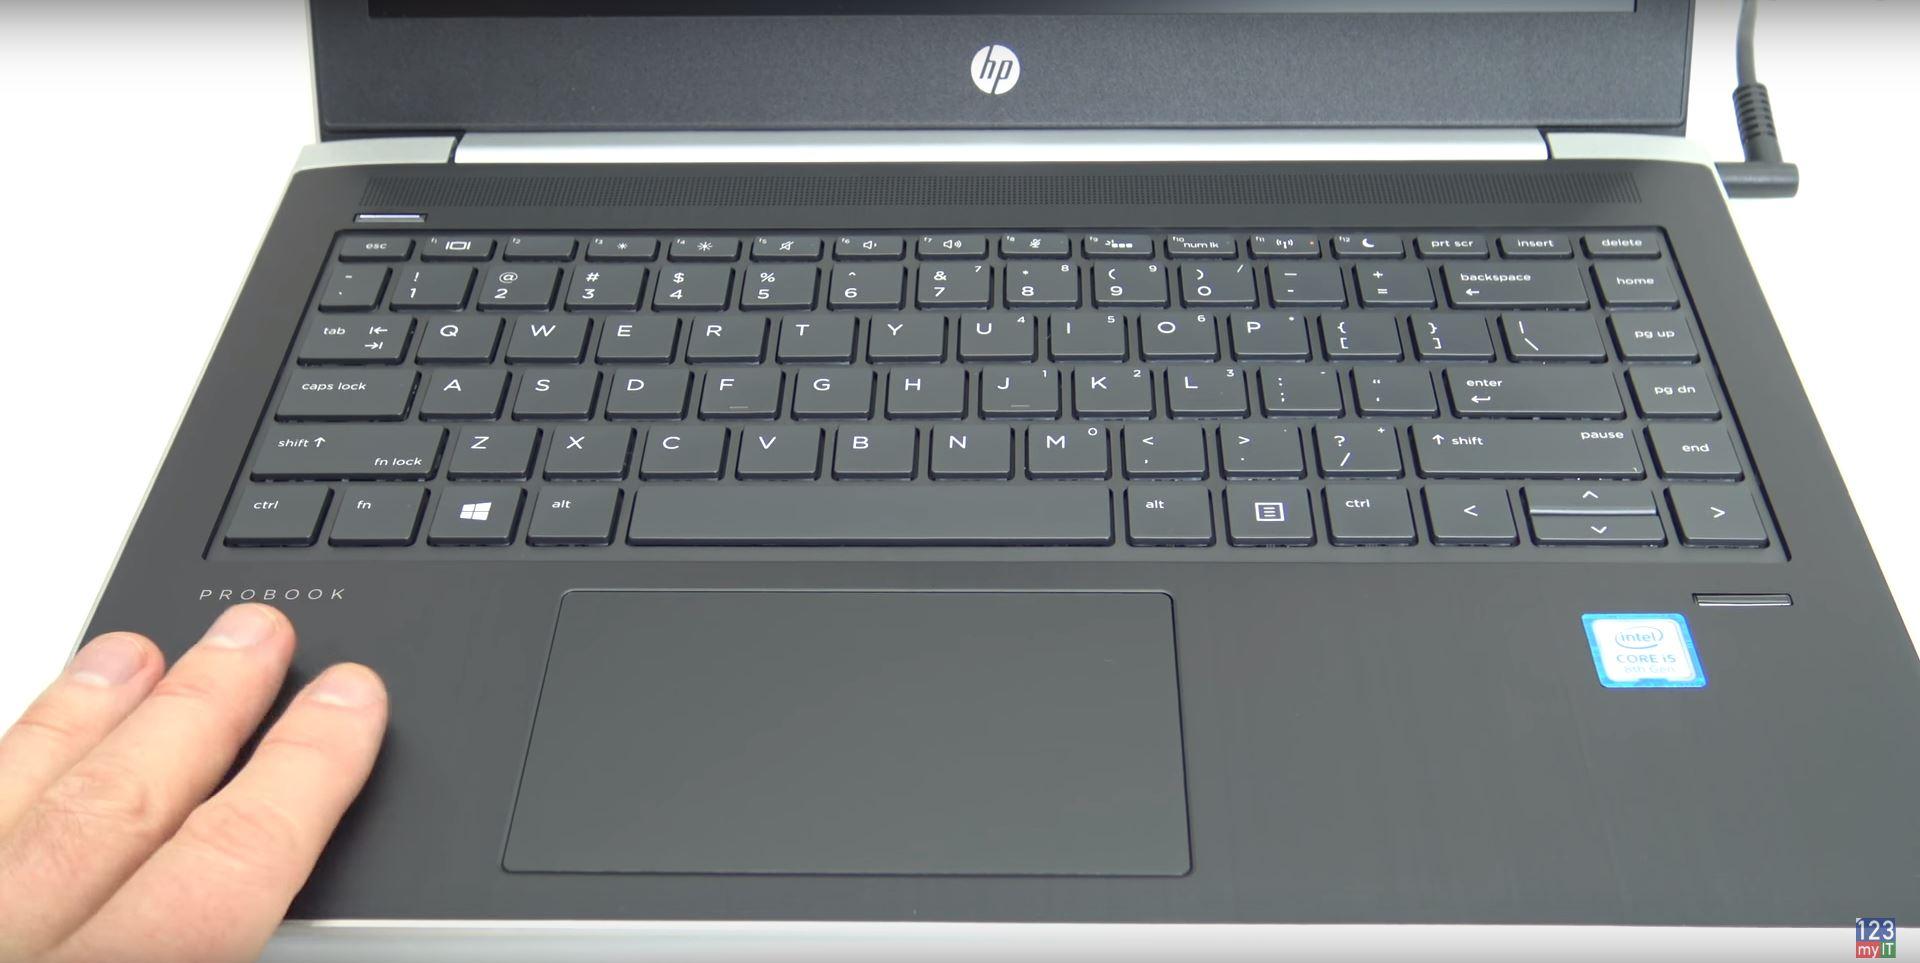 Probook 430 g5 top